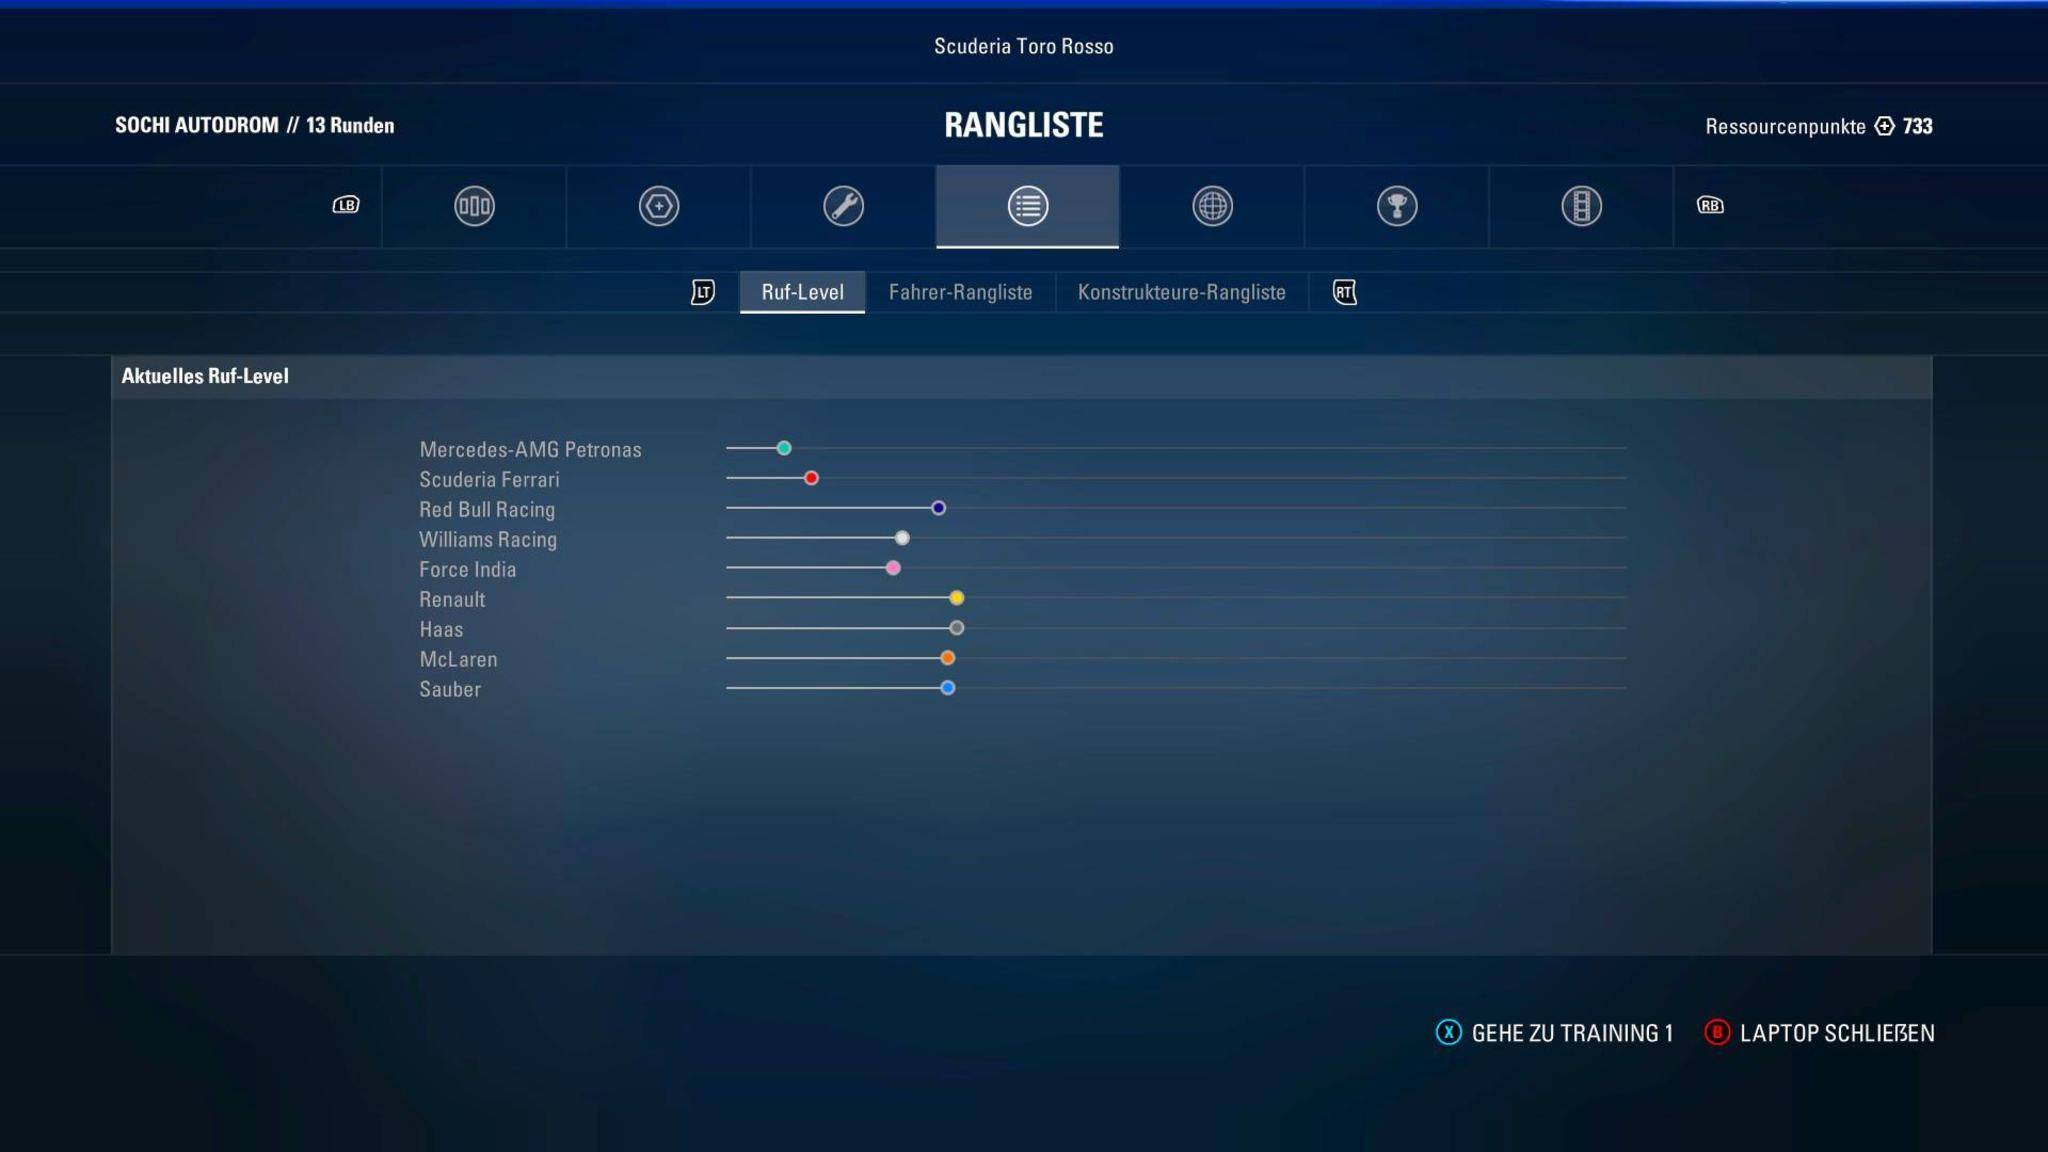 Diese Übersicht zeigt das Ansehen des Spielers bei den Teams.